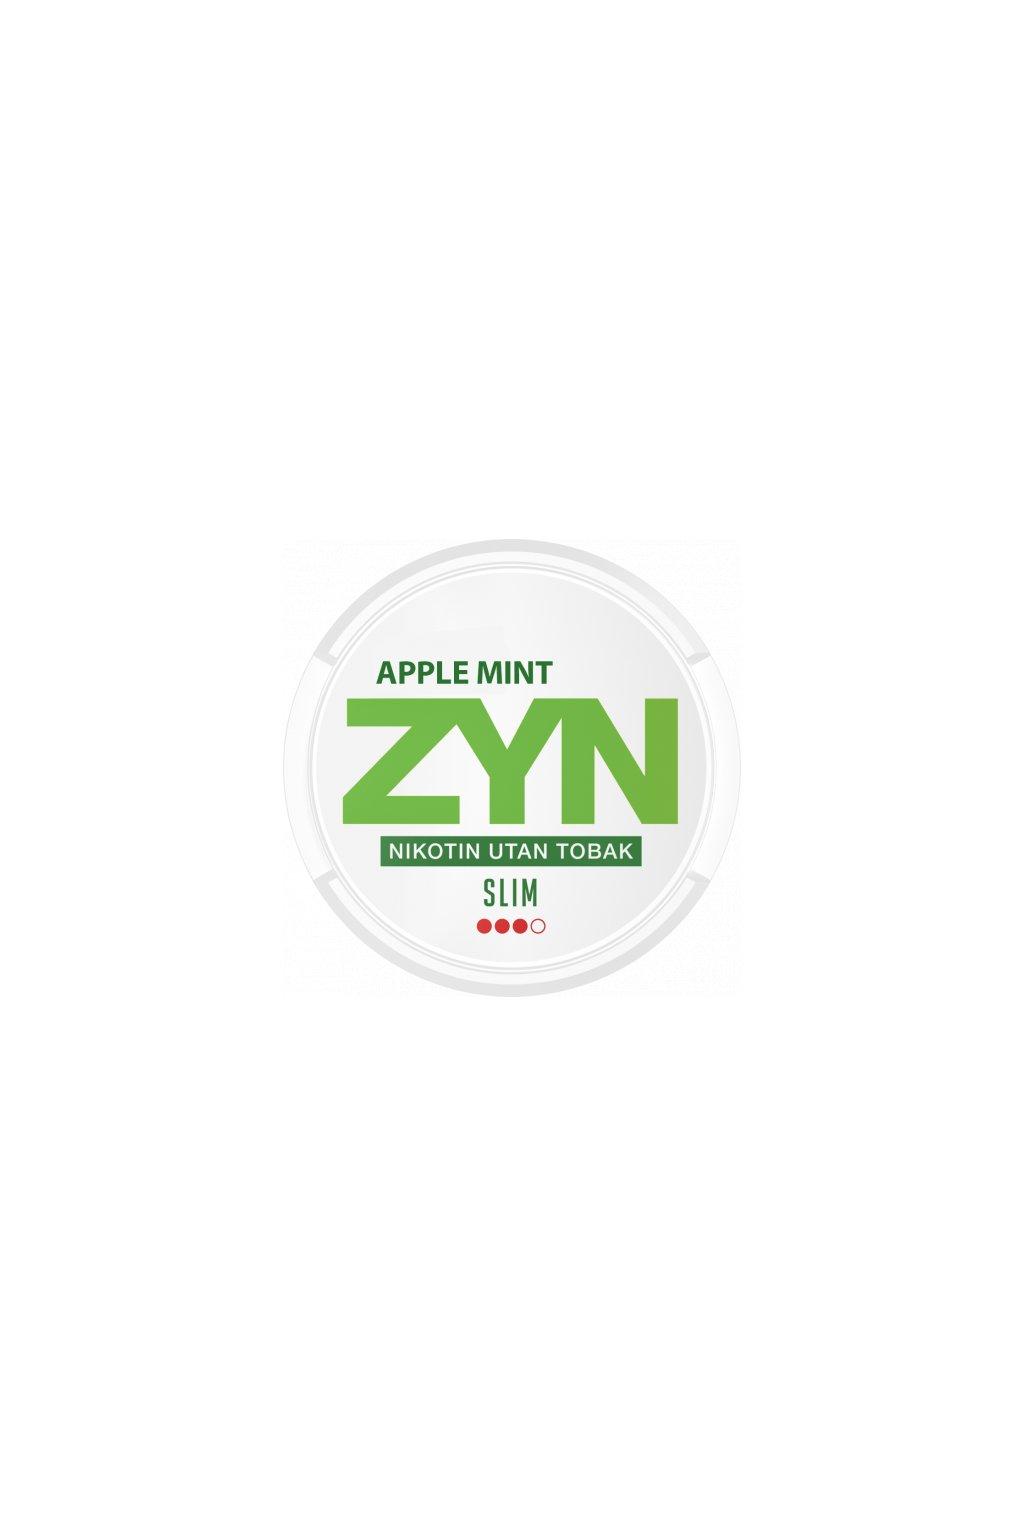 zyn apple